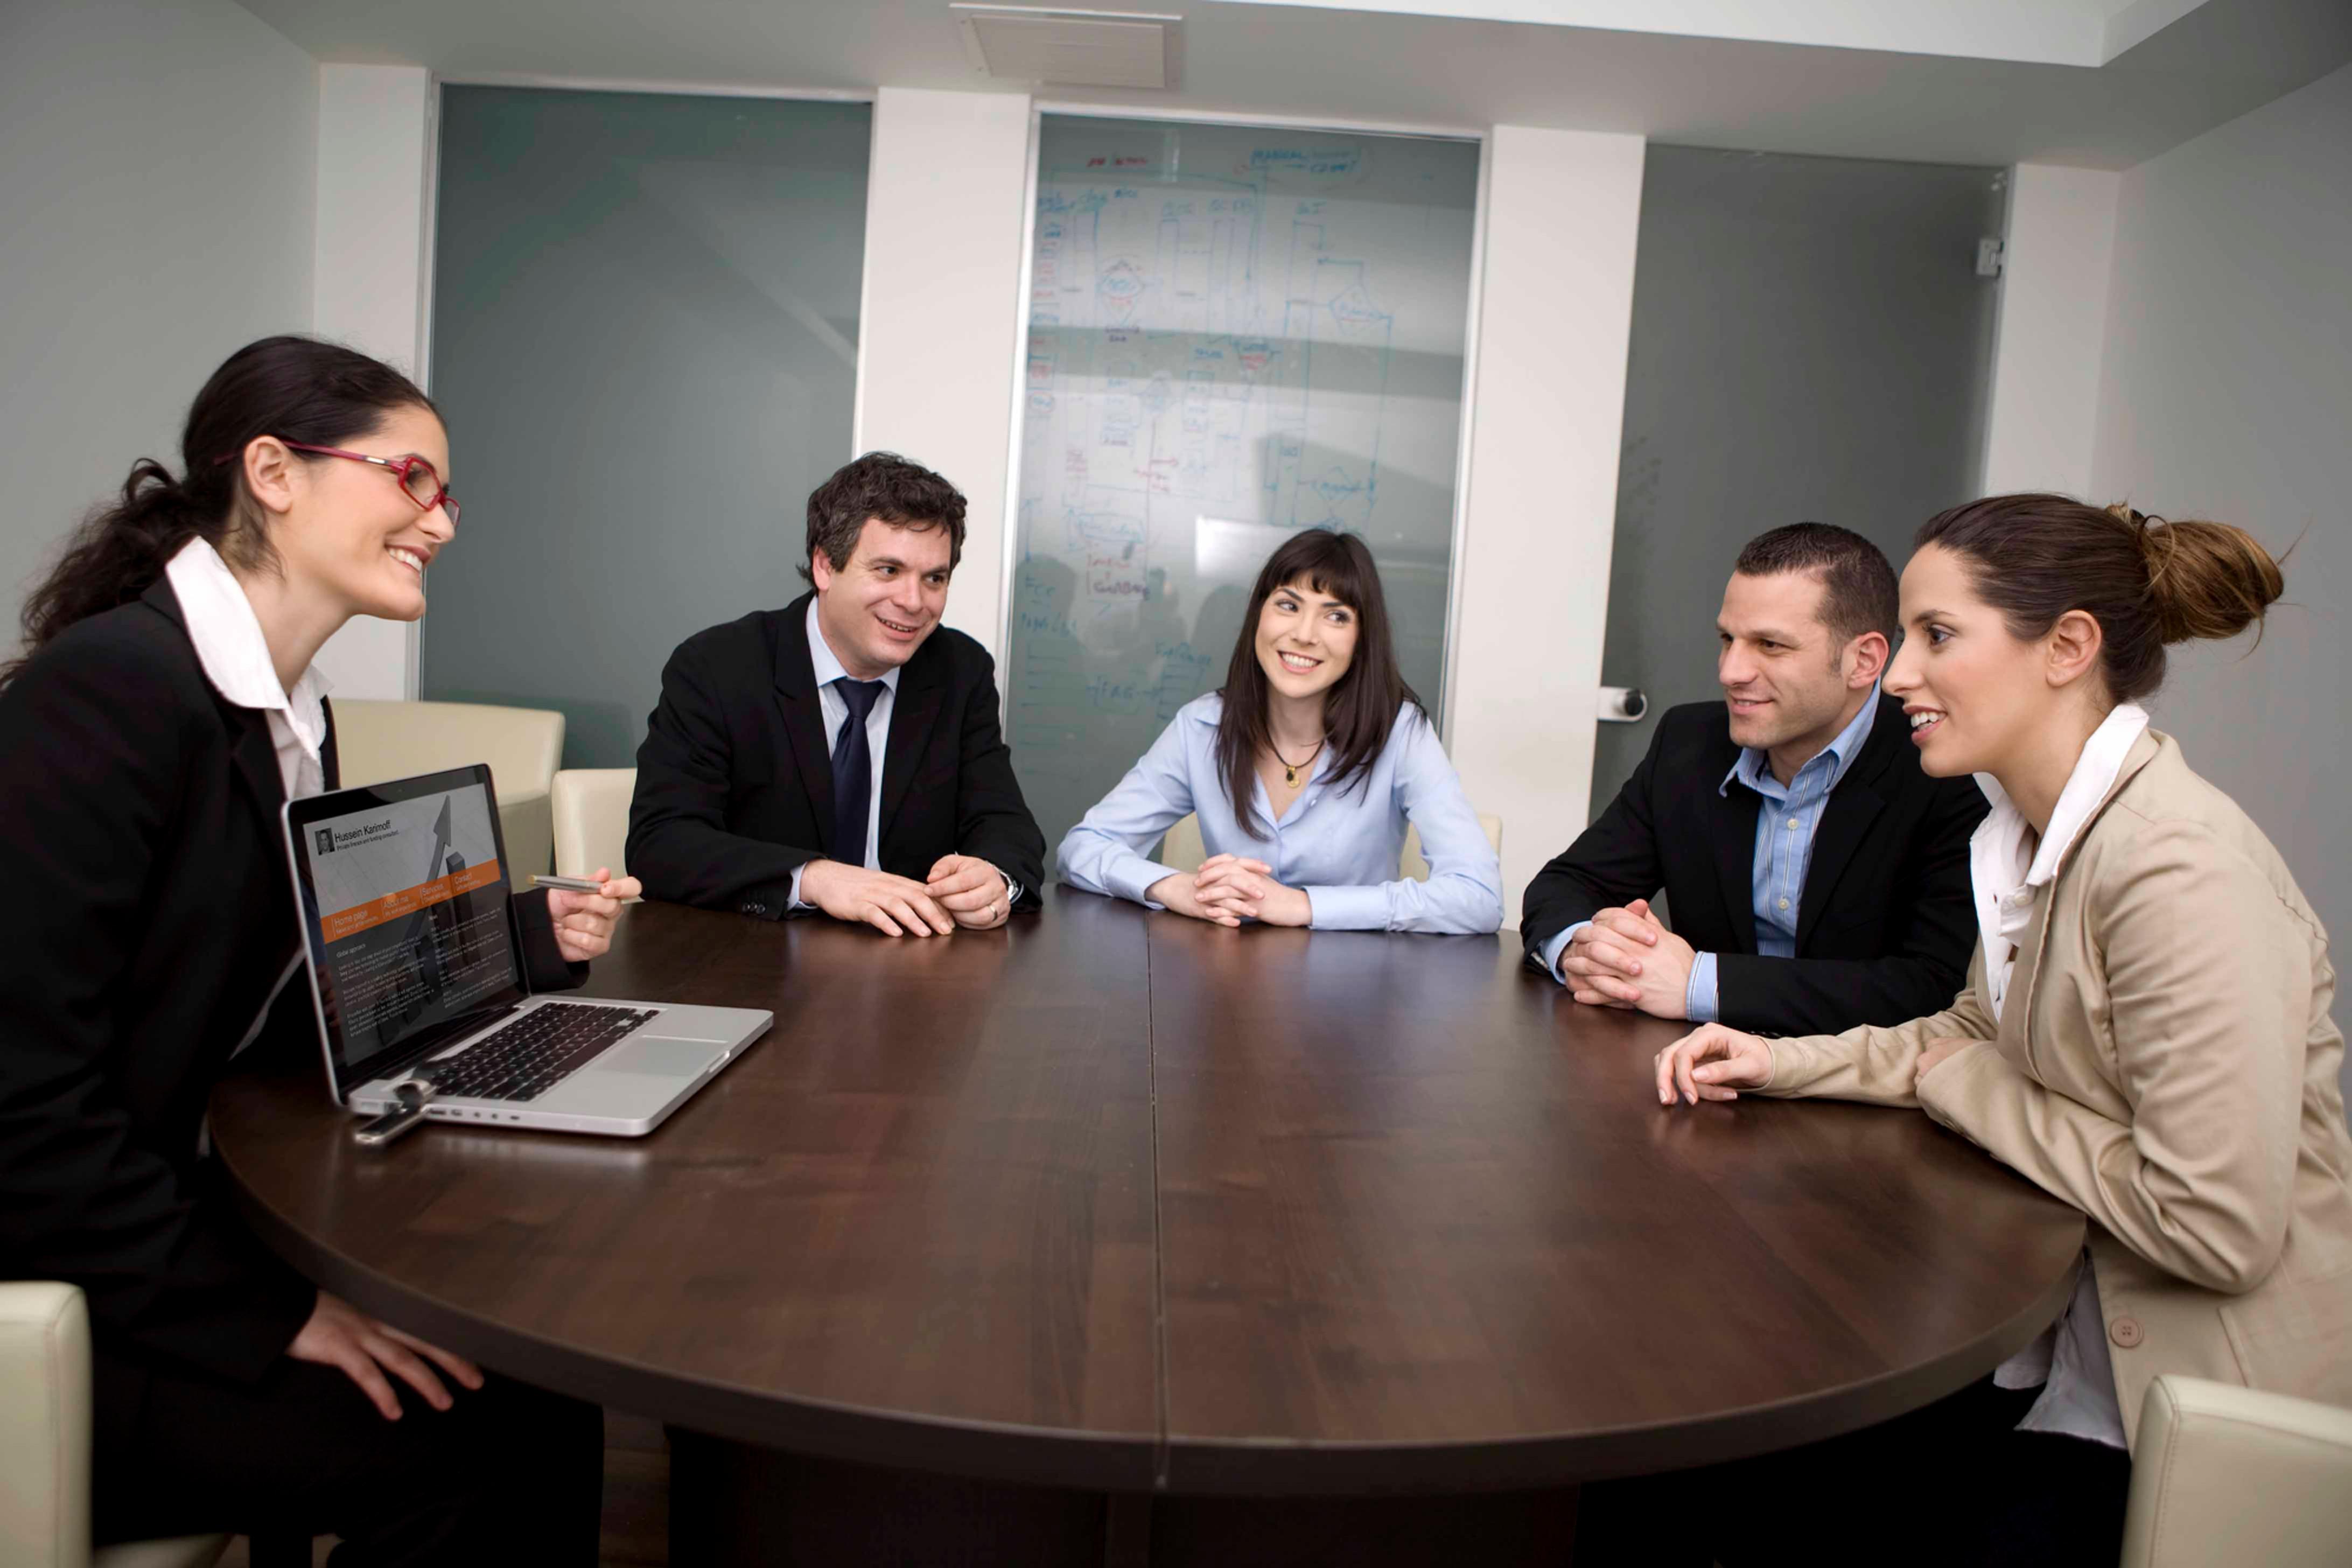 Speak Better in Meetings